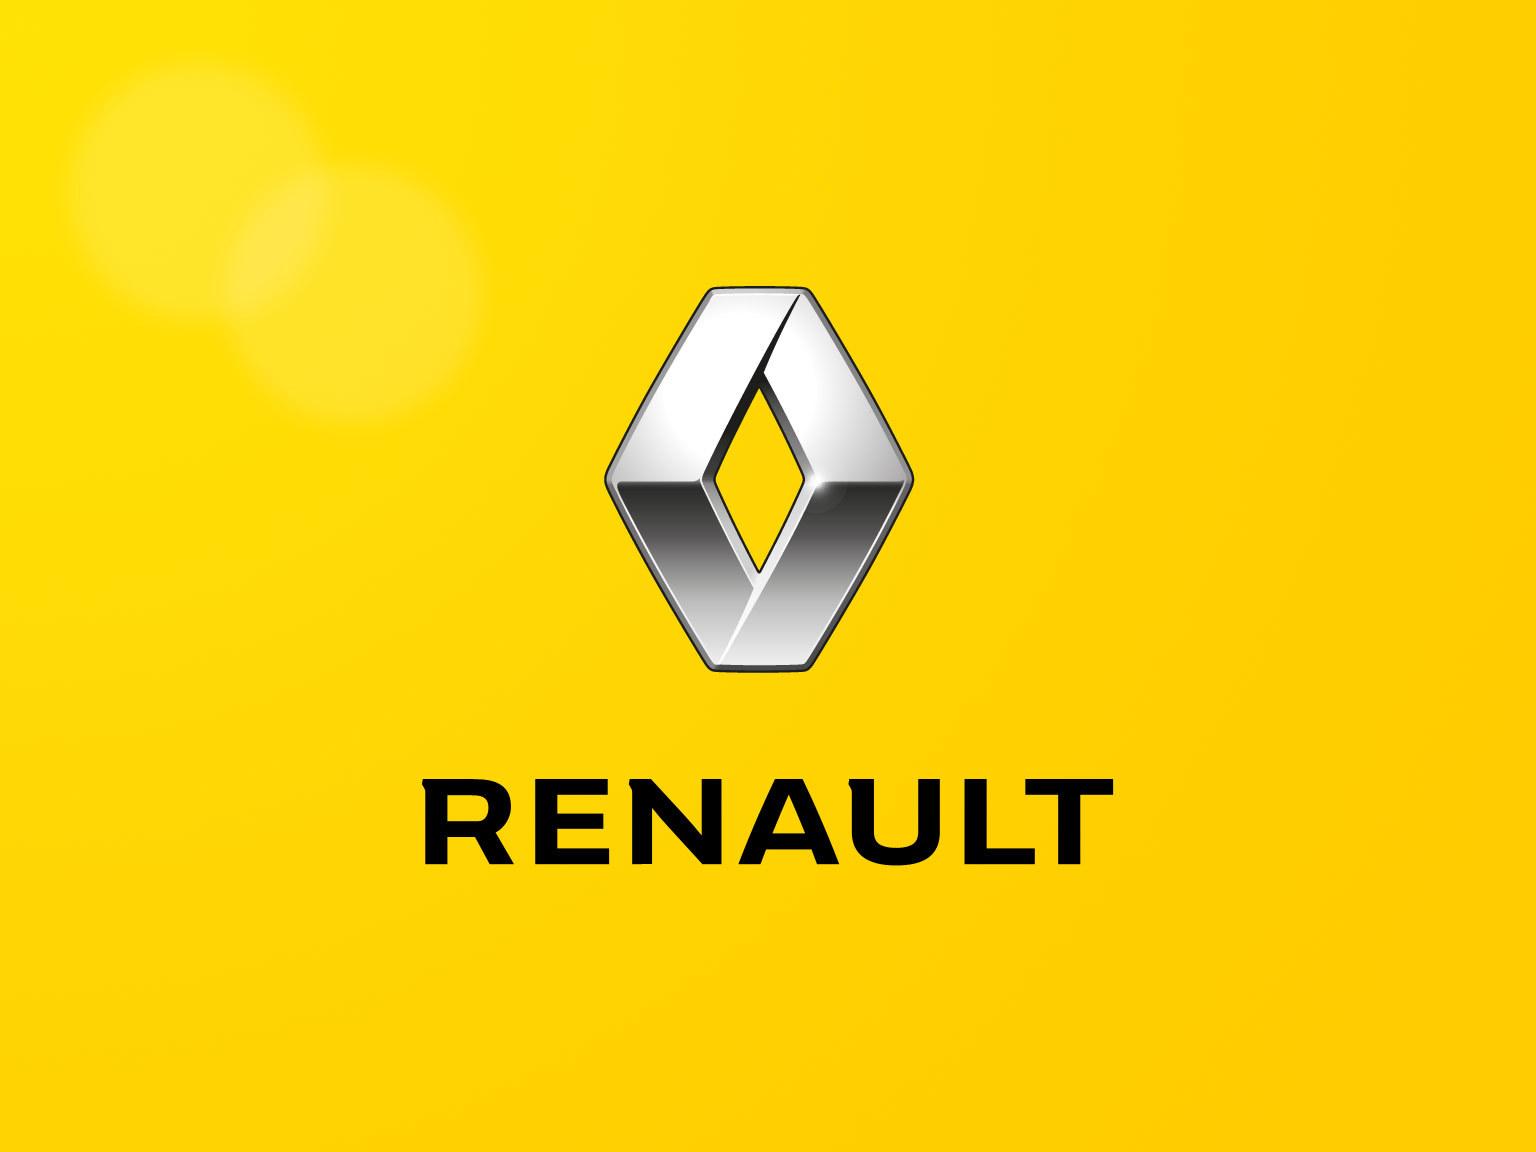 Le Groupe Renault a choisi Castrol comme partenaire mondial du service après-vente pour les huiles moteur. dans - - - NEWS INDUSTRIE 17d6c43e648addae97c179b4a44a5ab2